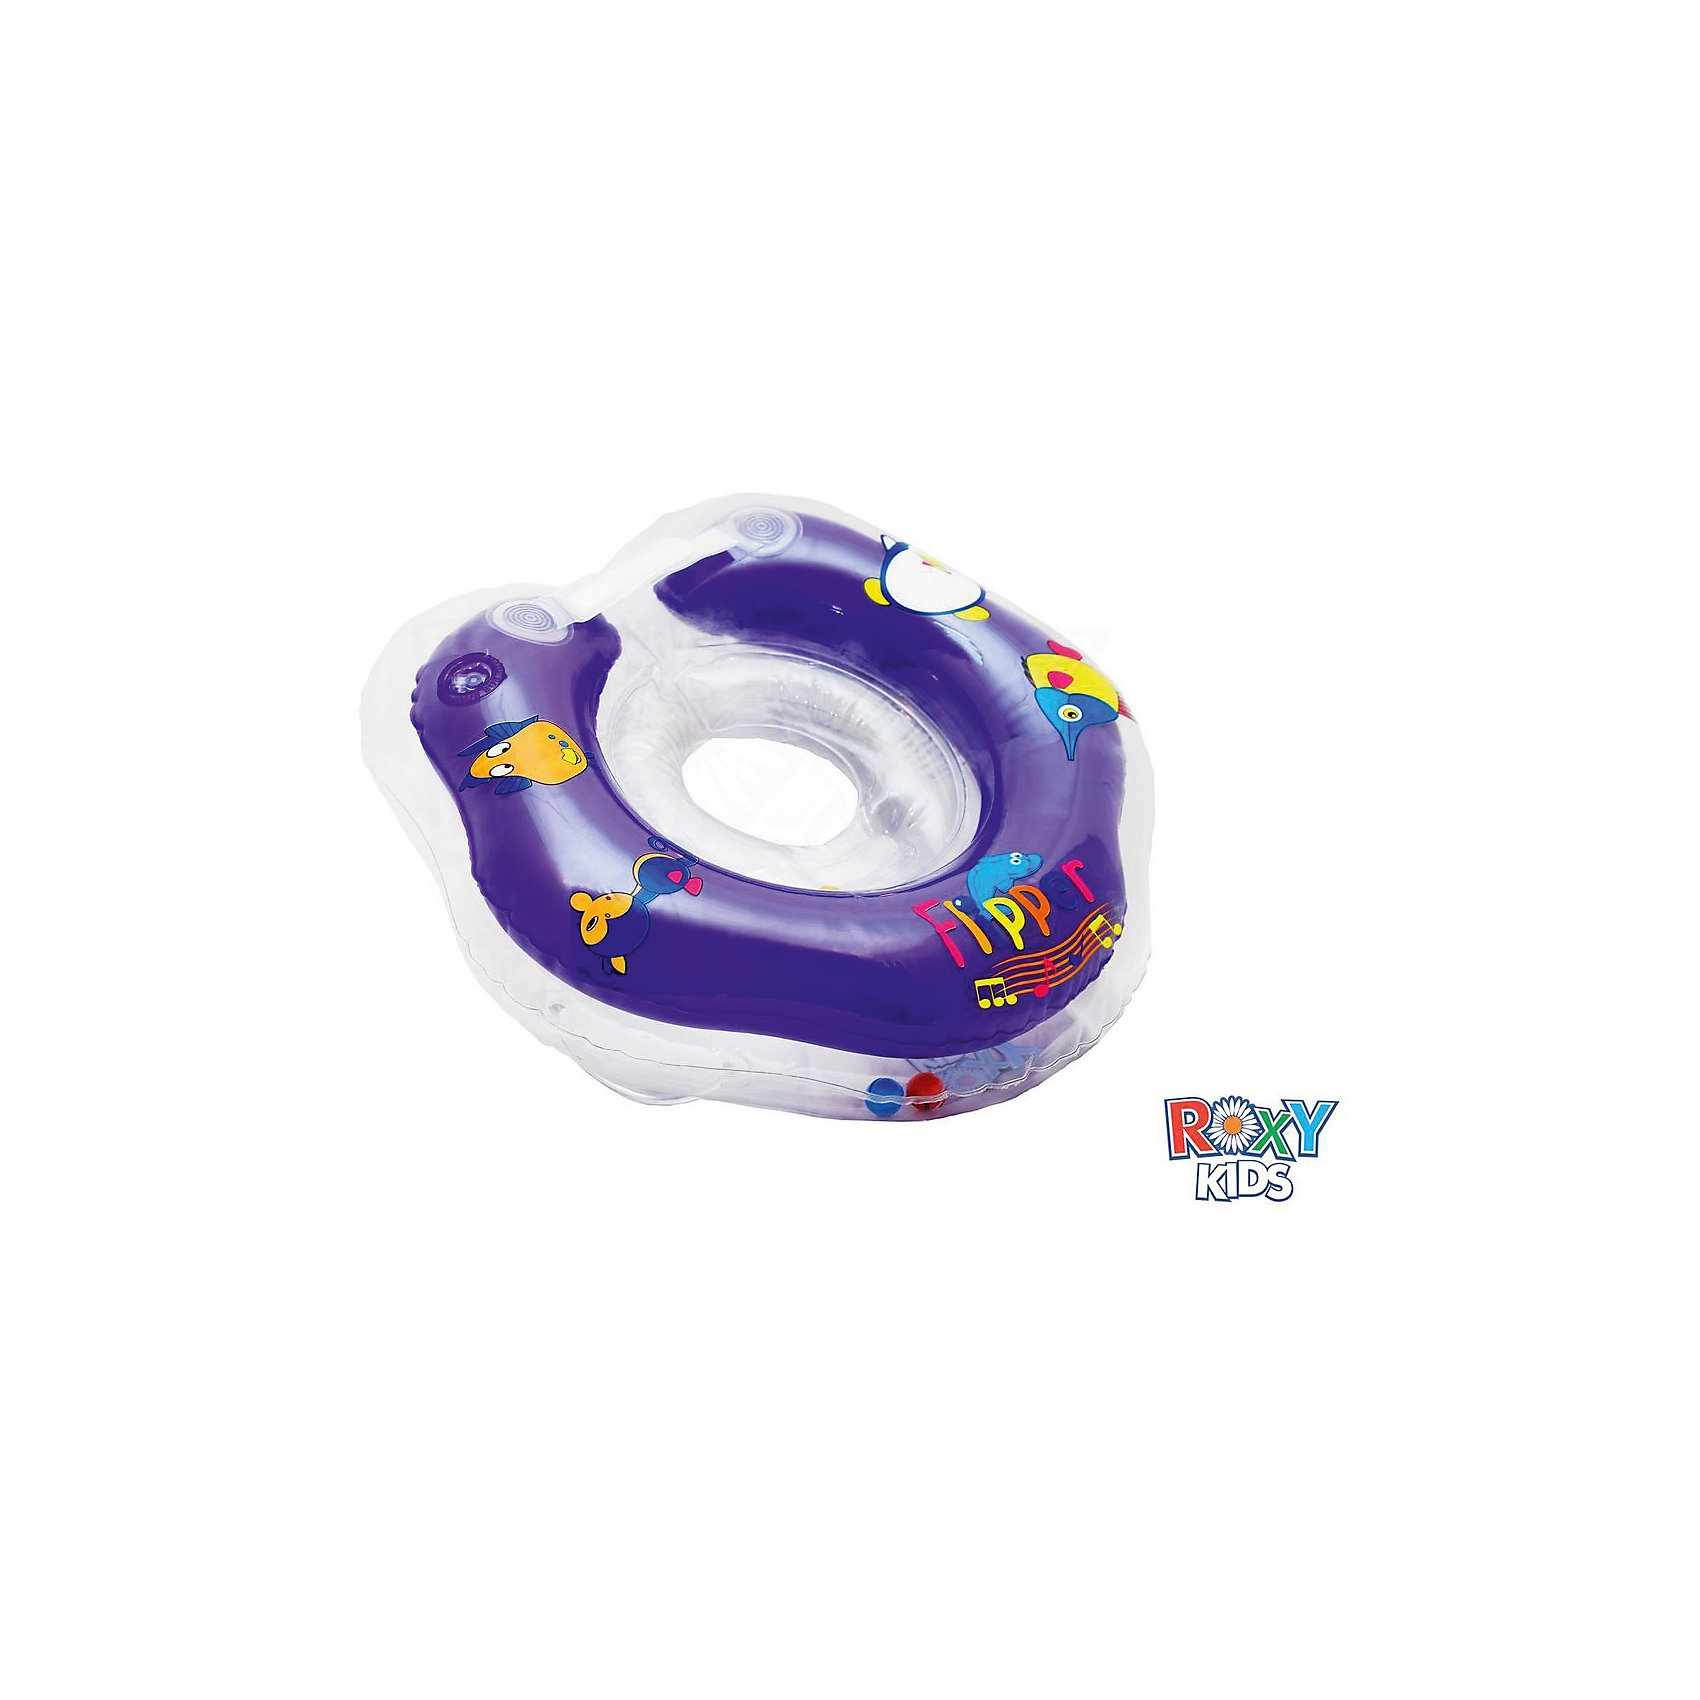 Музыкальный надувной круг на шею  Flipper 0+ для купания малышей, Roxy-Kids от myToys